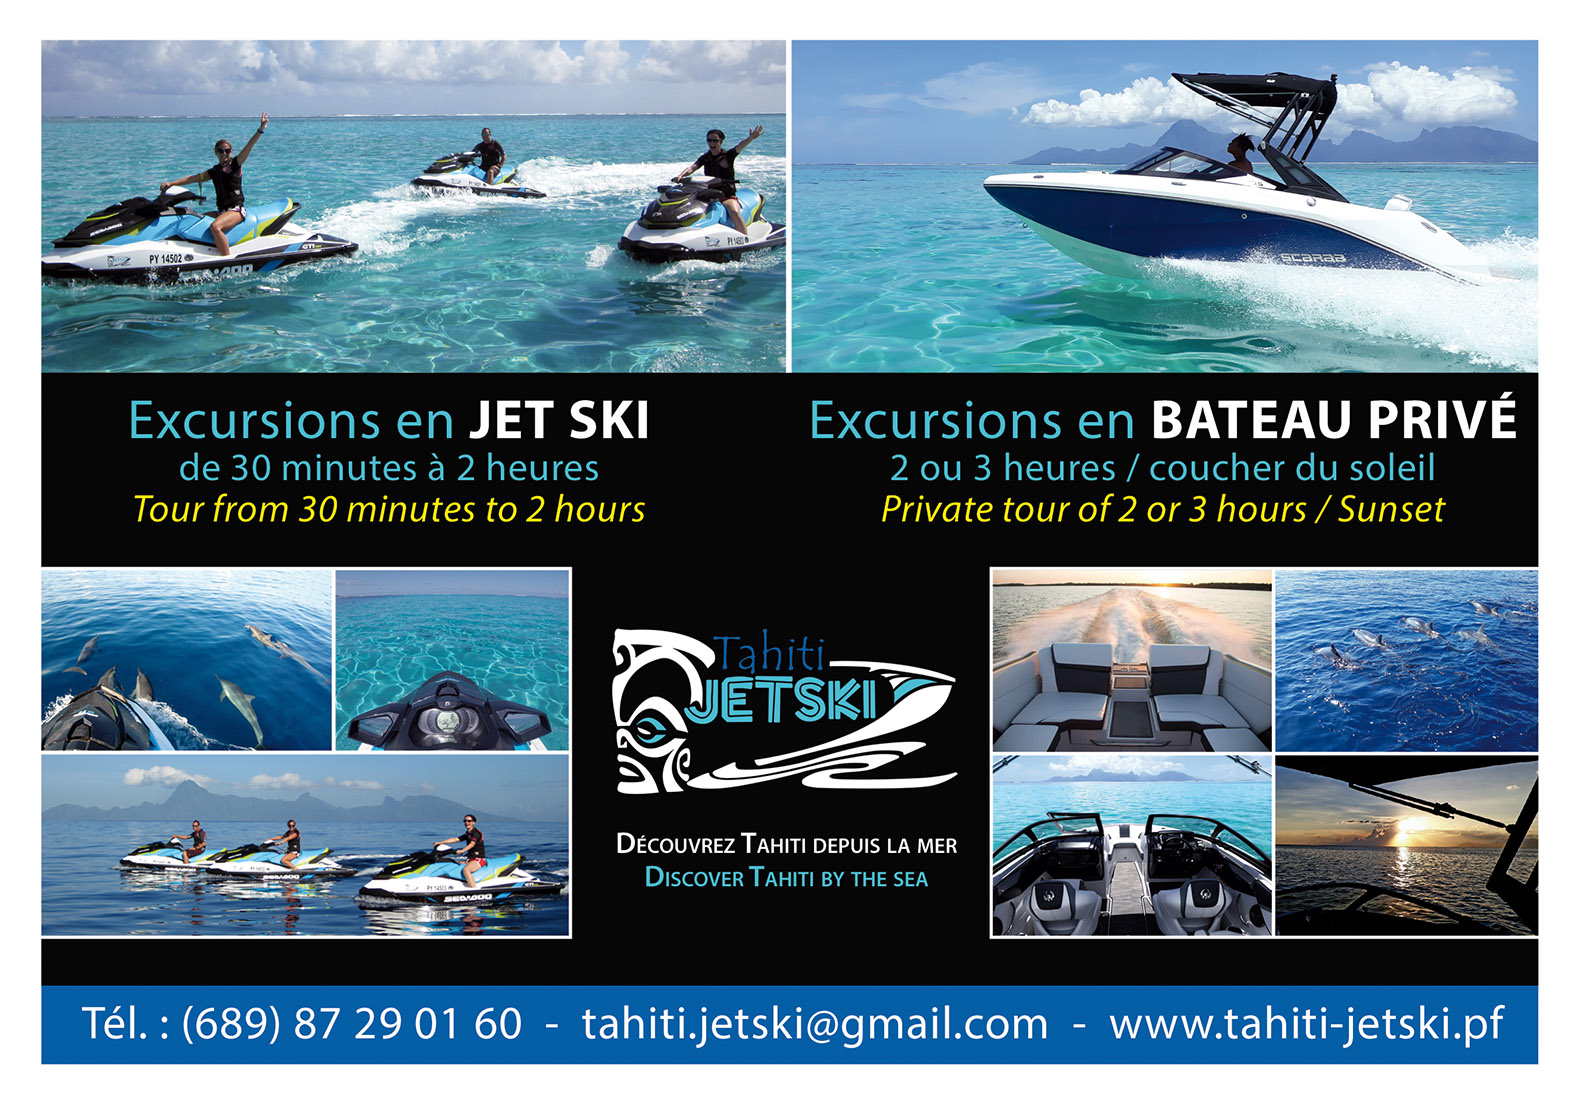 https://tahititourisme.com.br/wp-content/uploads/2017/08/Tahiti-Jet-Ski-190x130-sept-2.jpg